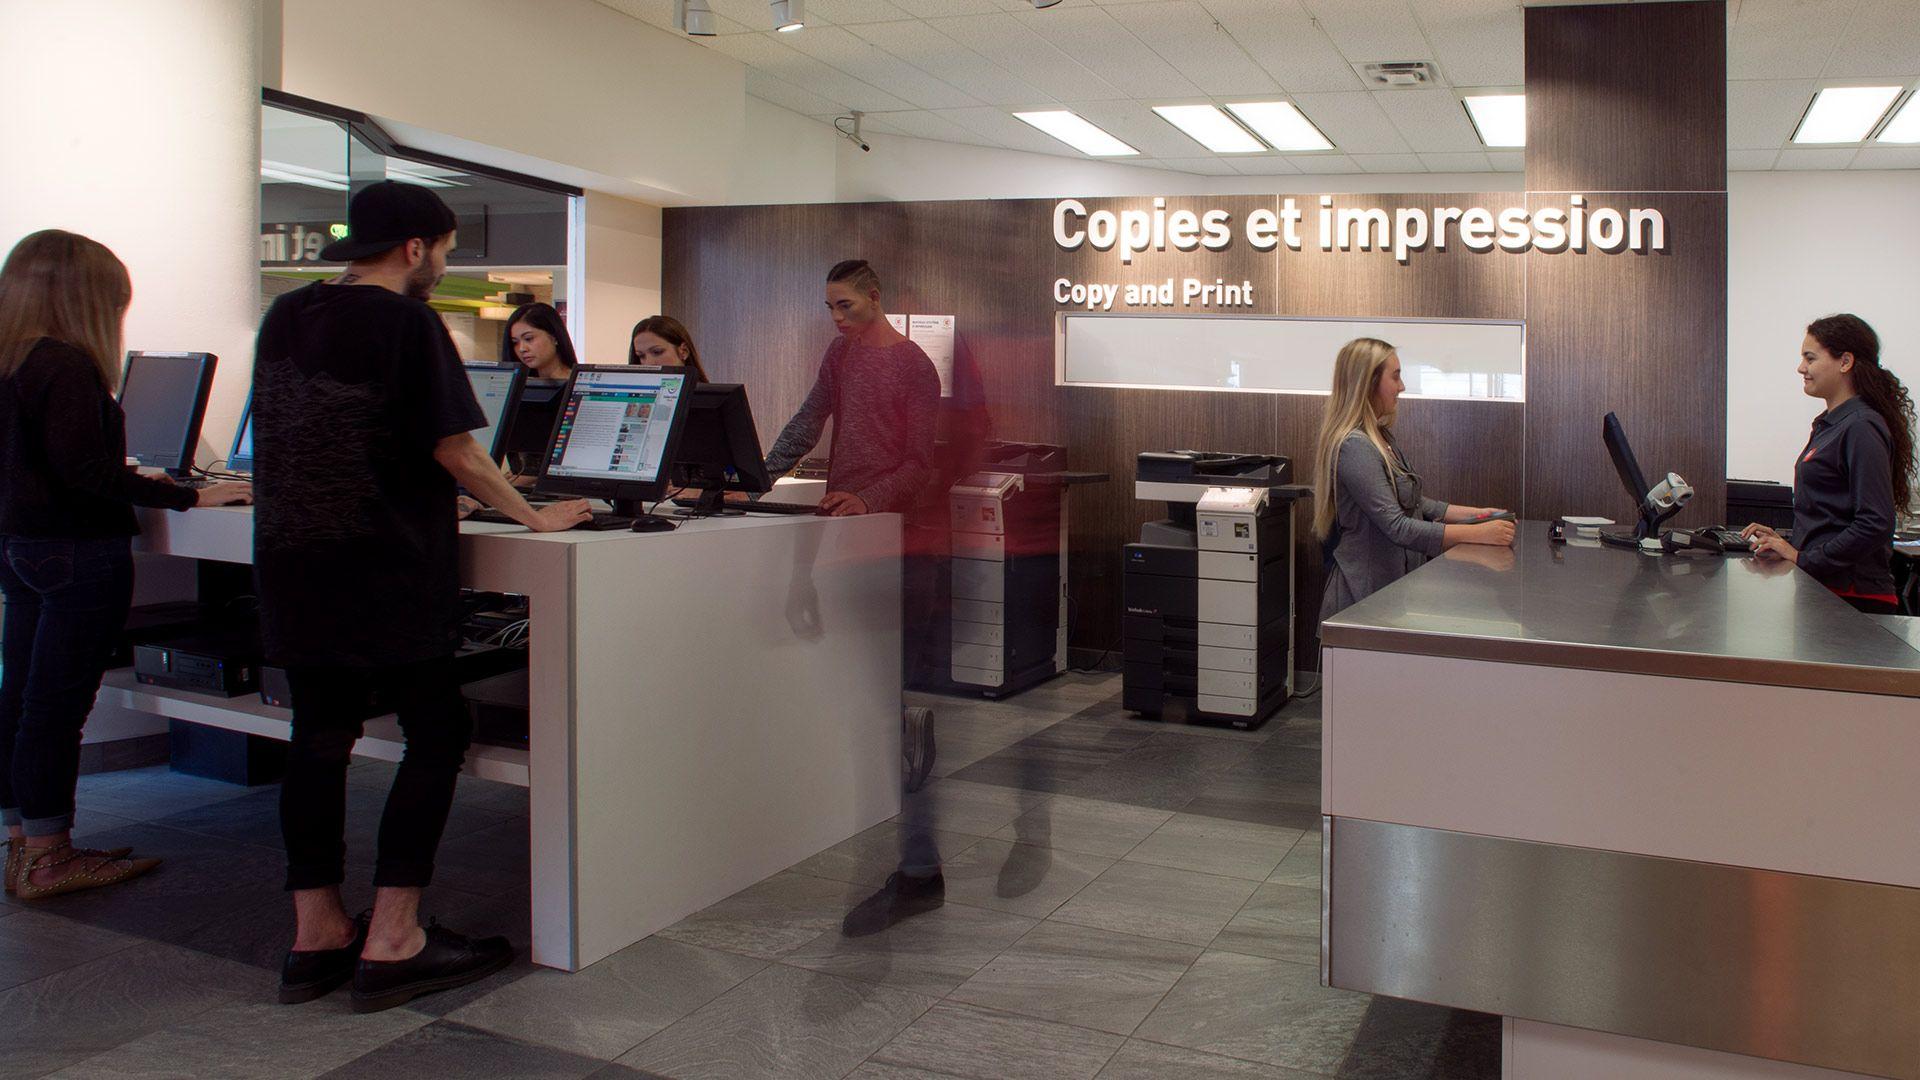 Bureau en gros lasalle hours la finca café bureau destination